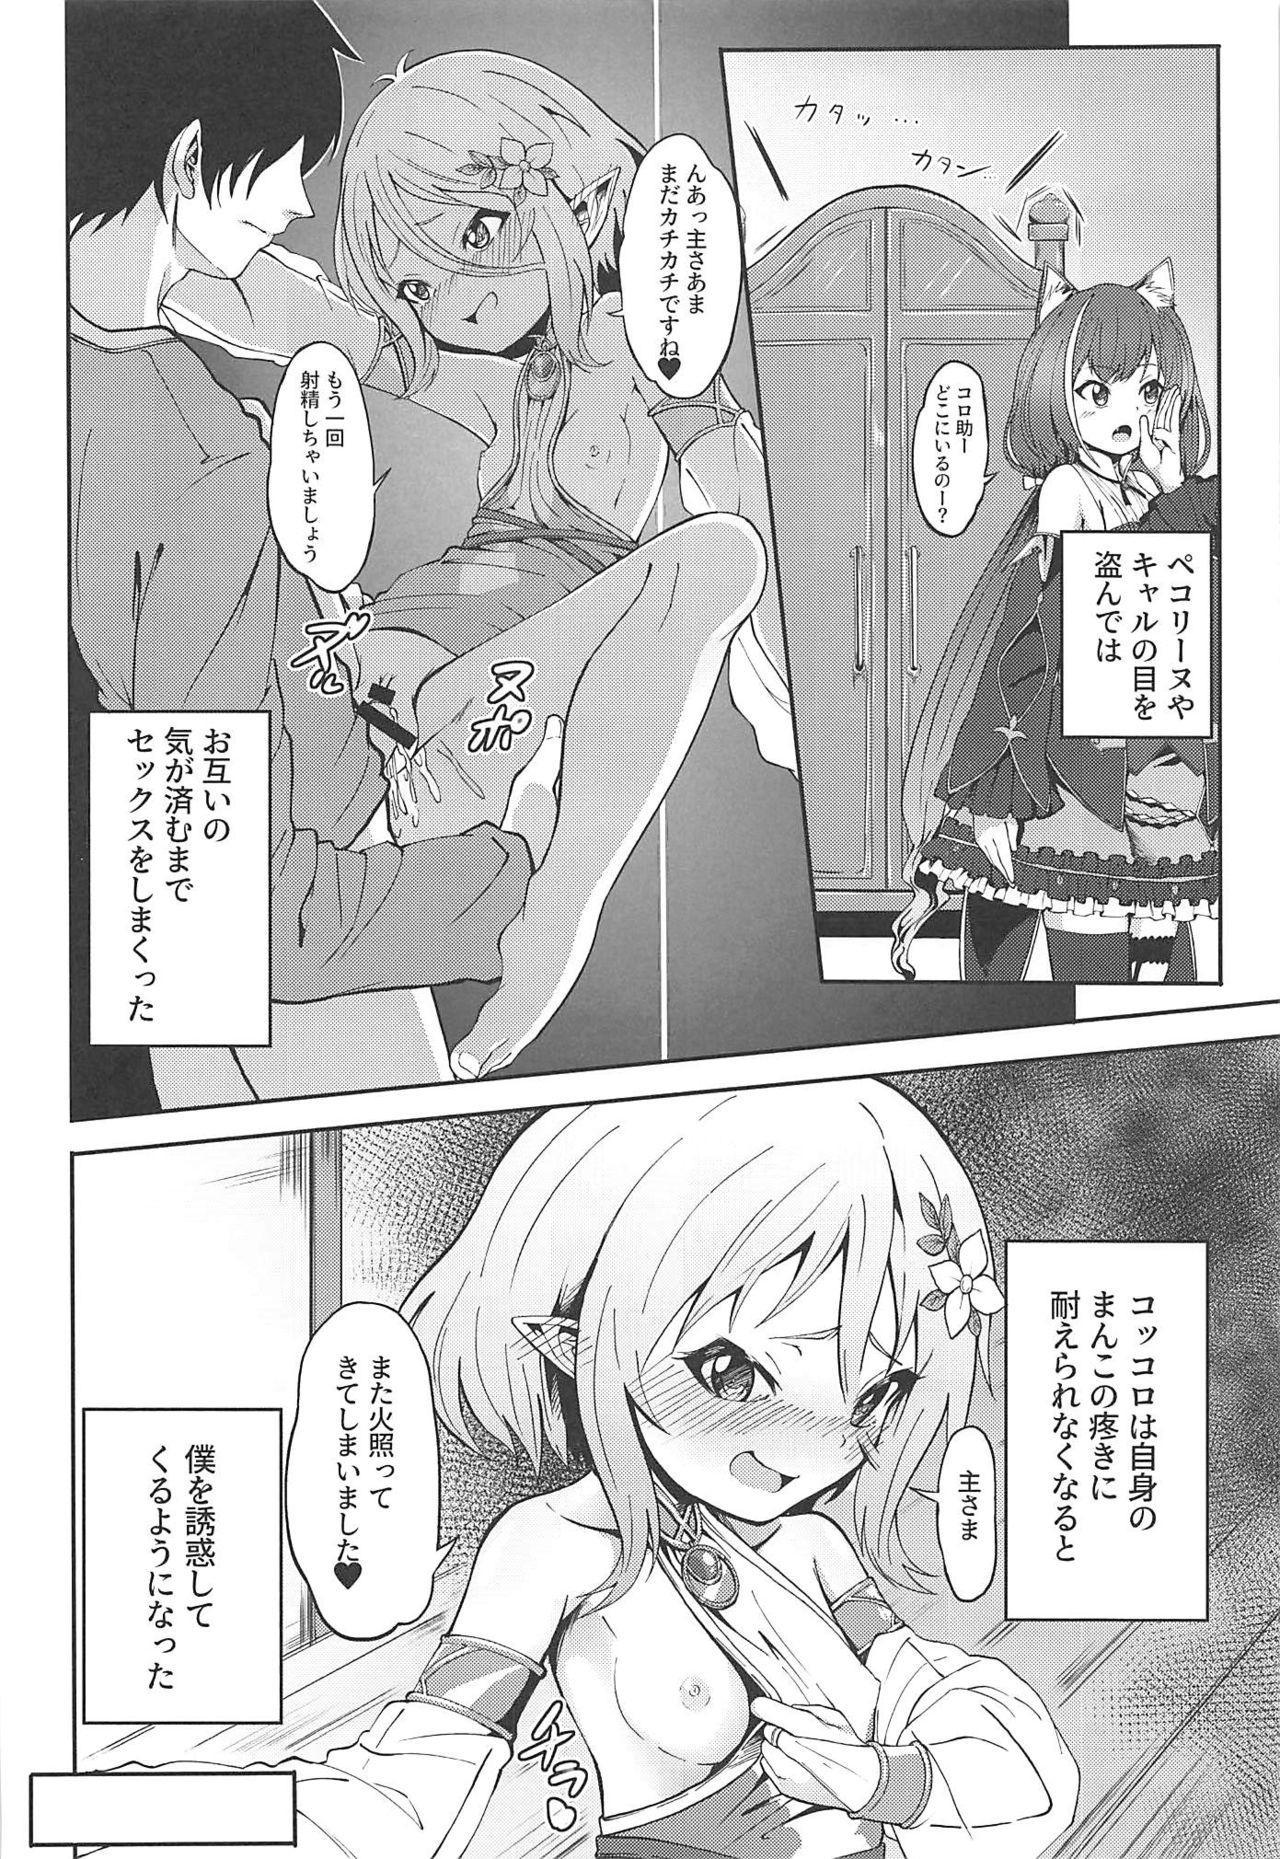 Kokkoro-chan no Seiyoku Kaika 16